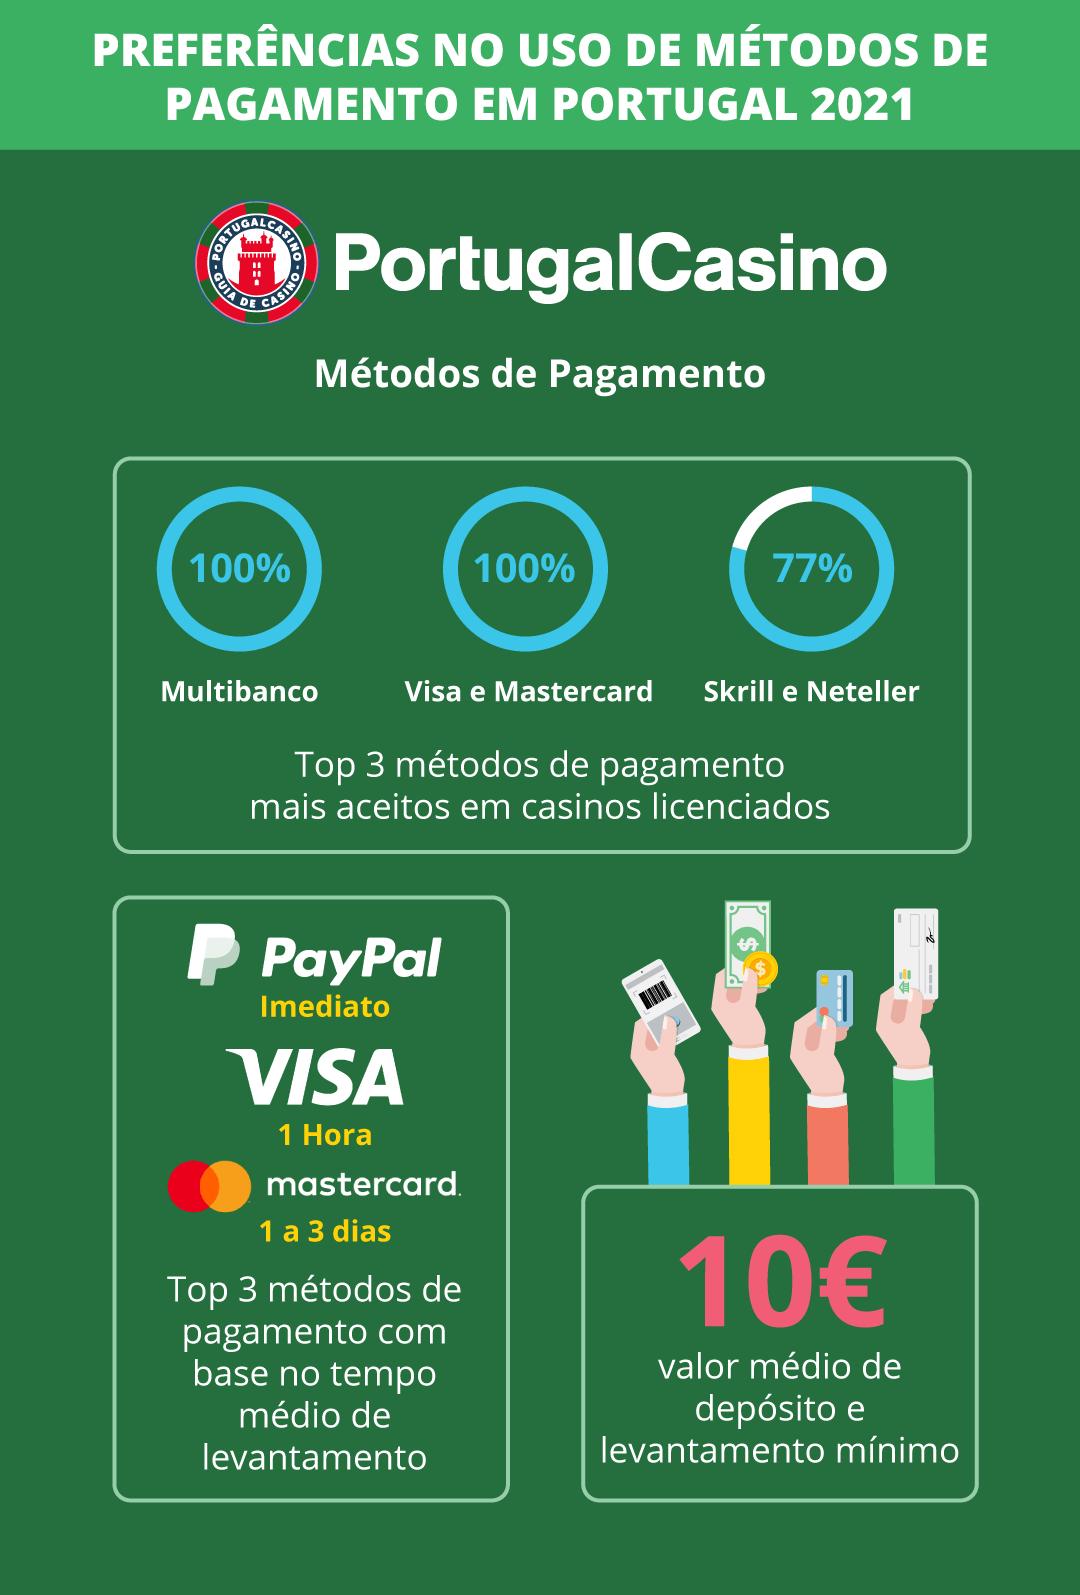 Quais os métodos de pagamento mais usados em casinos em Portugal